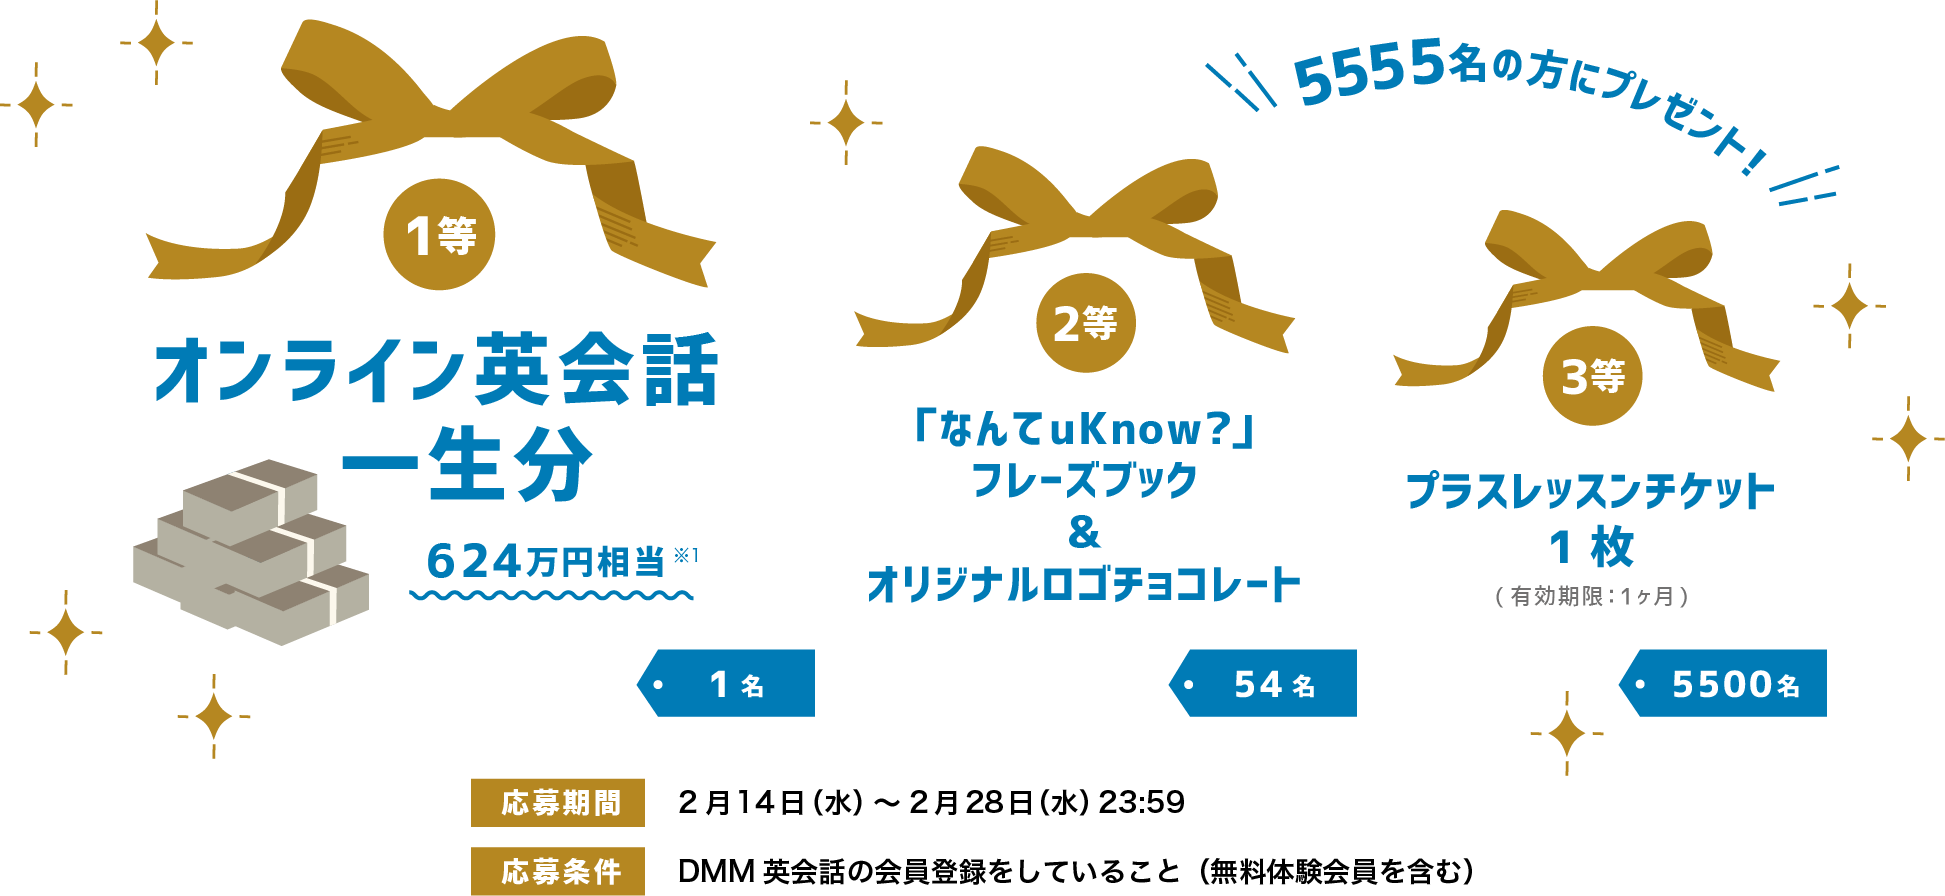 【1等】オンライン英会話一生分:1名【2等】「なんてuKnow?」フレーズブック&オリジナルロゴチョコレート:54名【3等】プラスレッスンチケット1枚:5555名